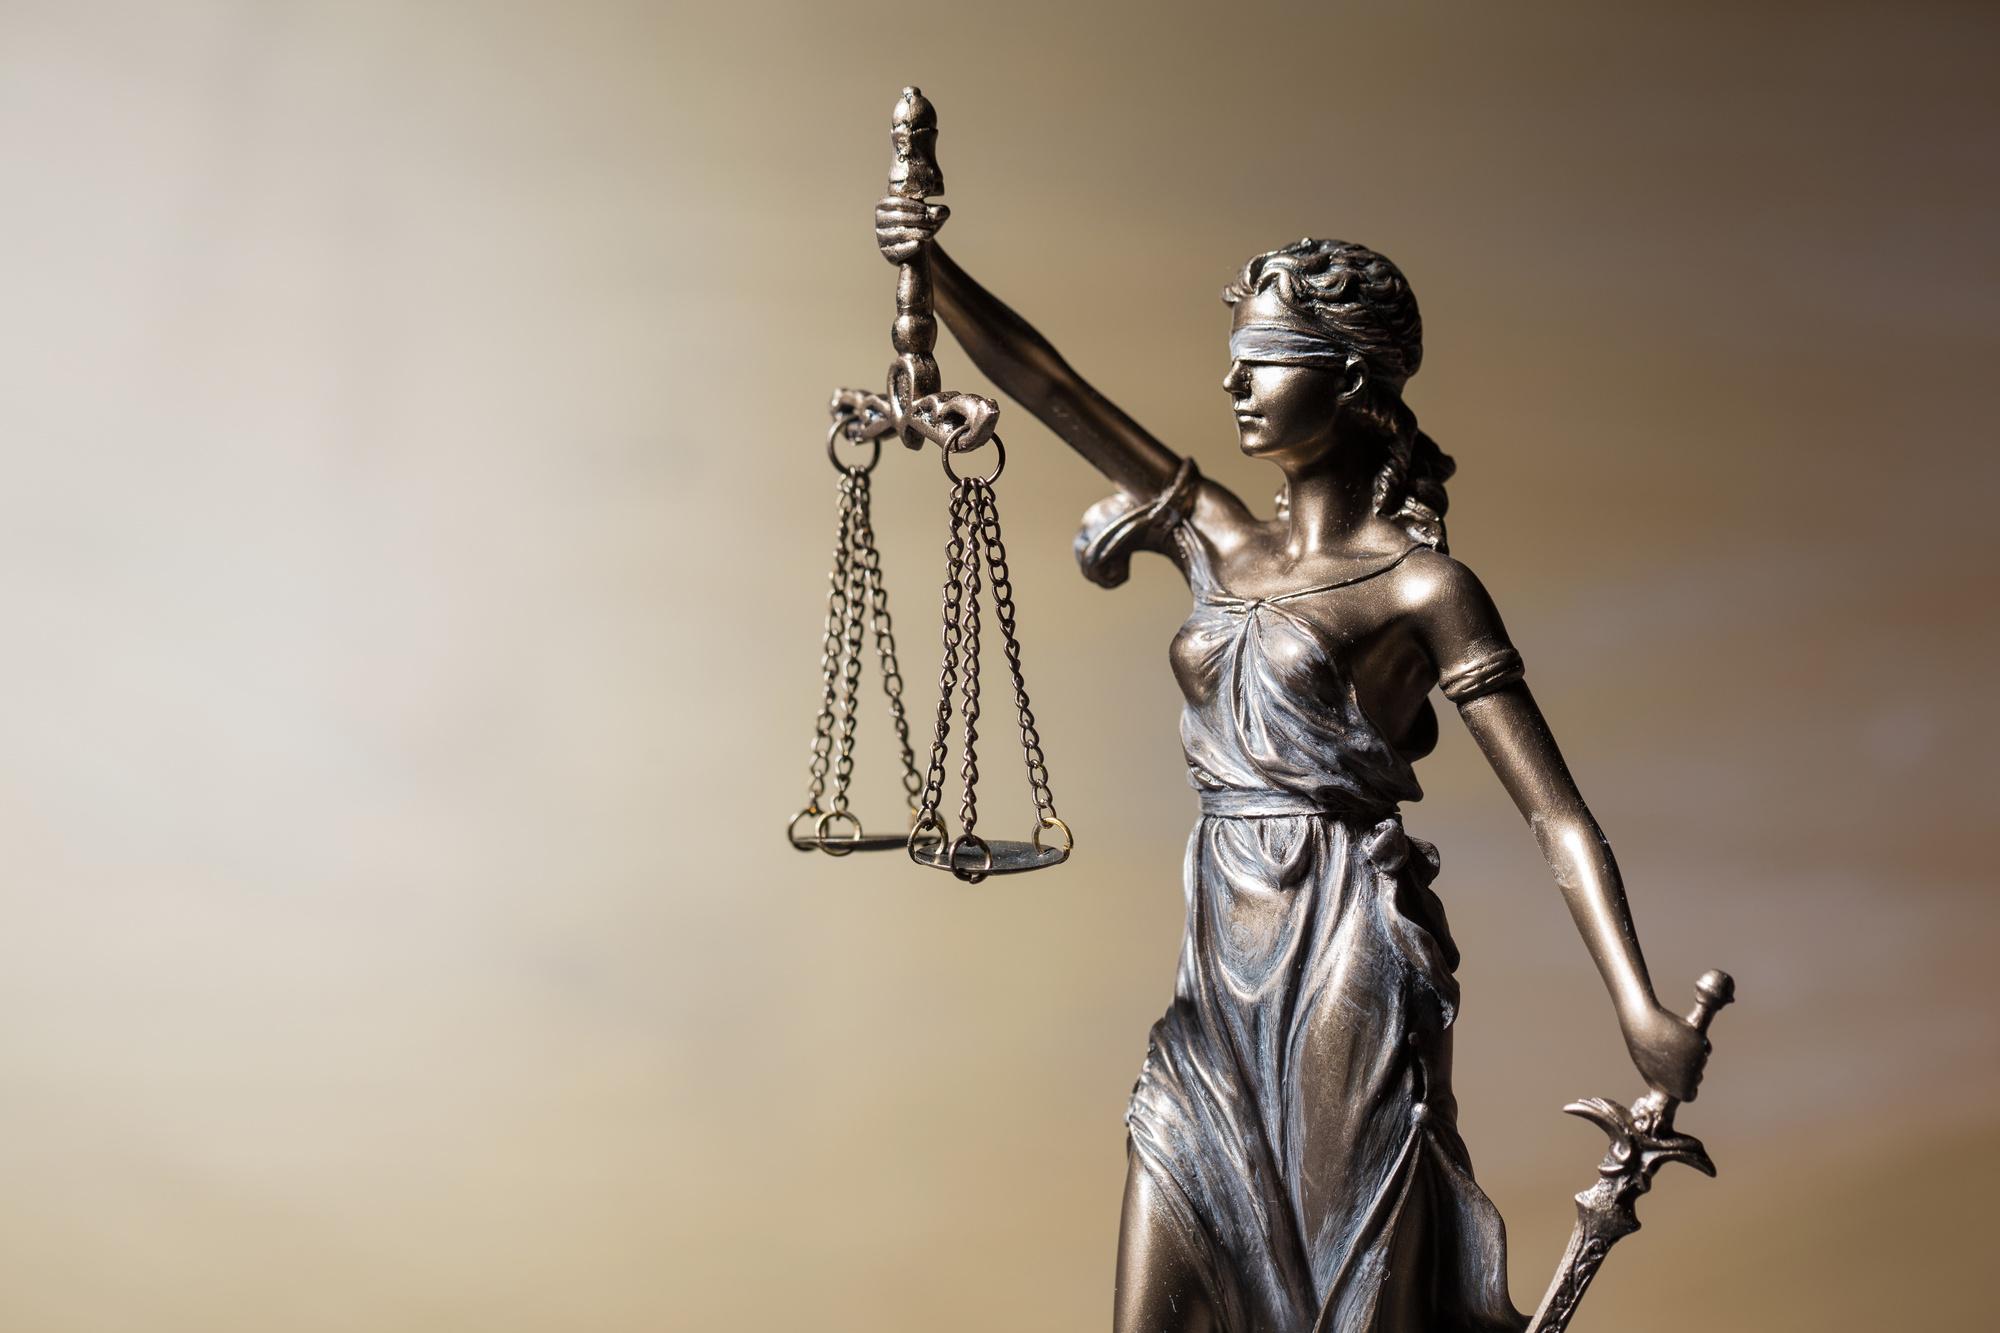 famous court cases